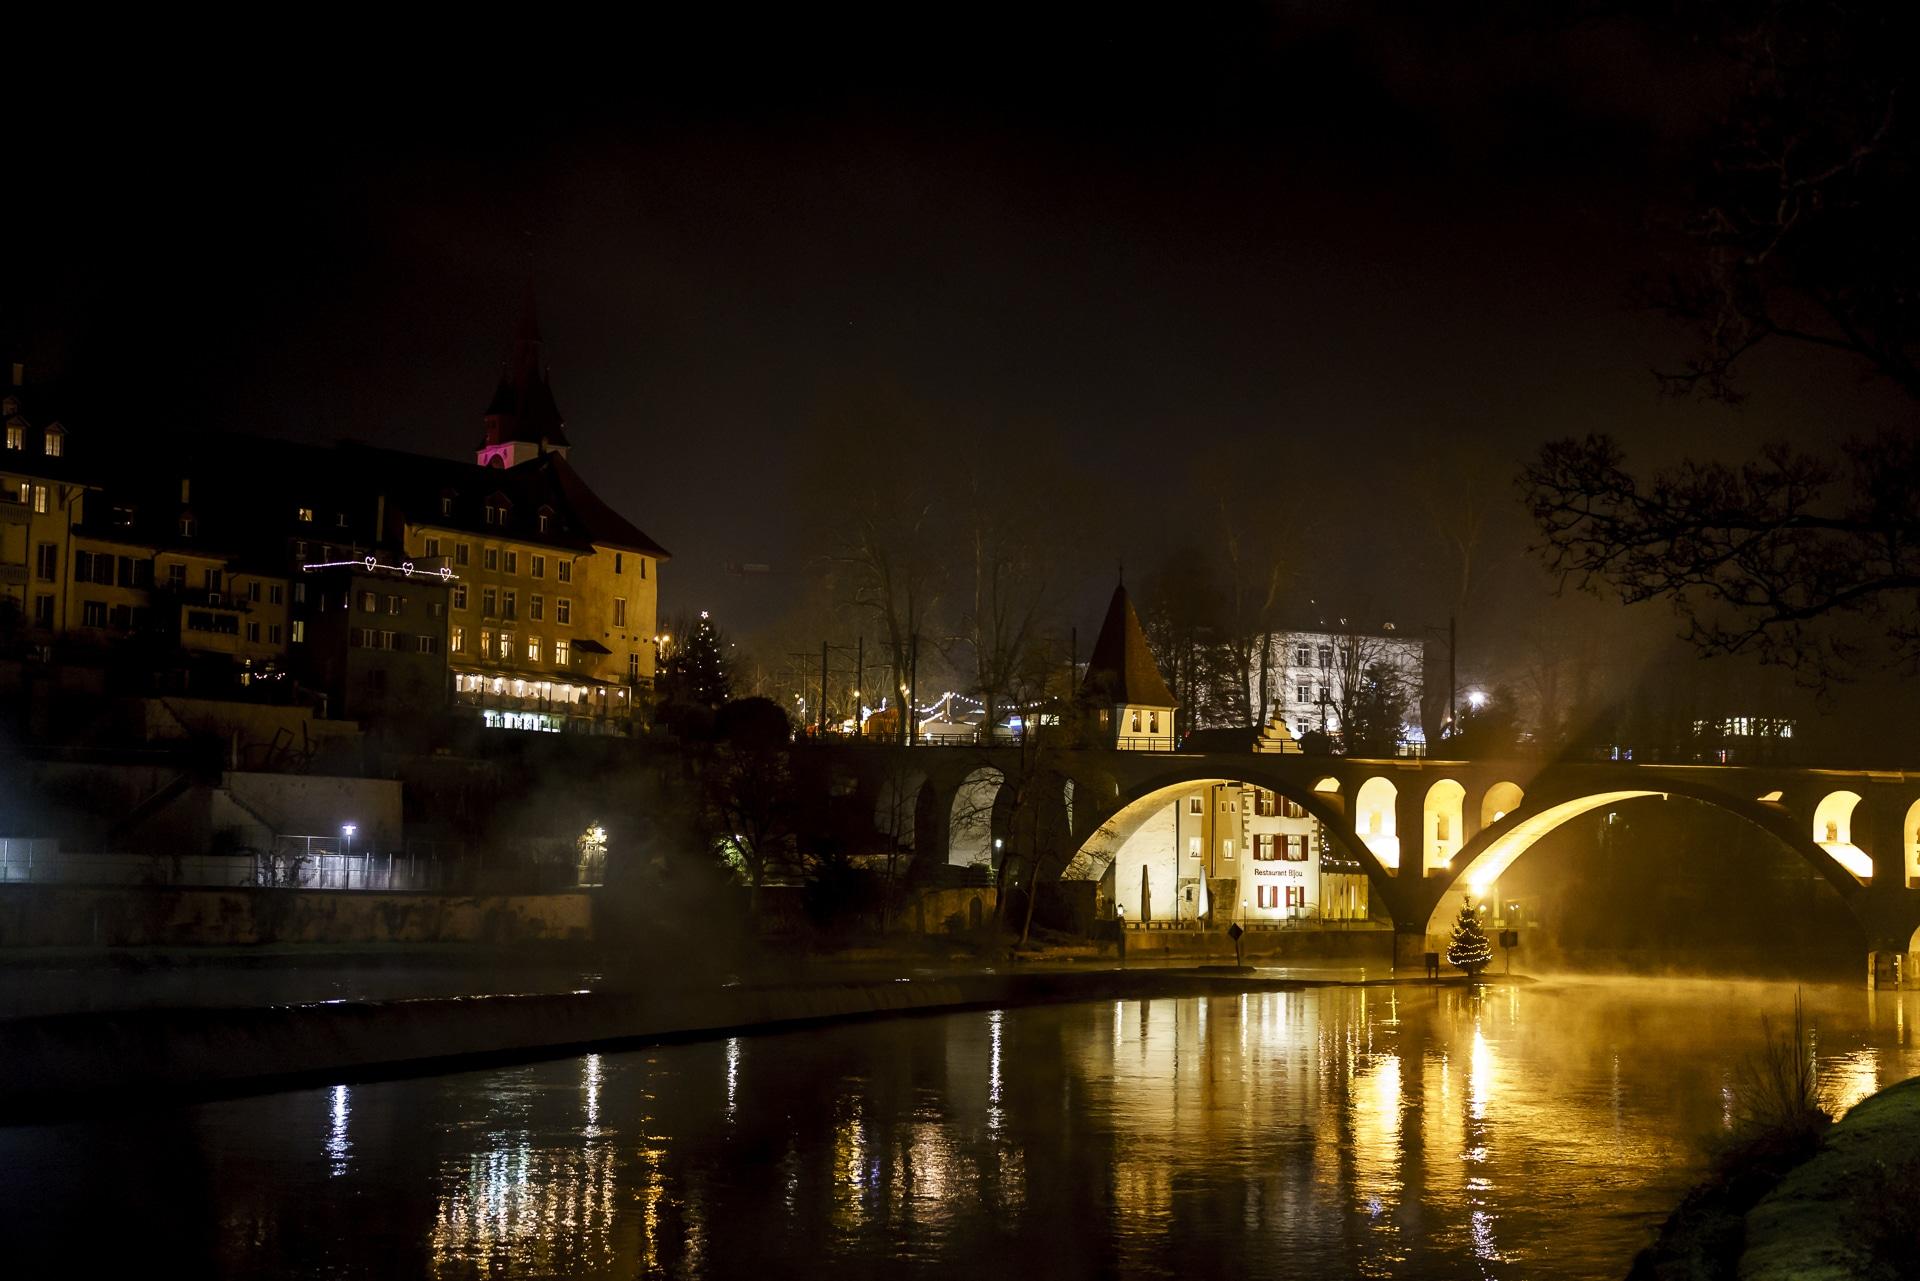 bremgarten-altstadt-beleuchtet